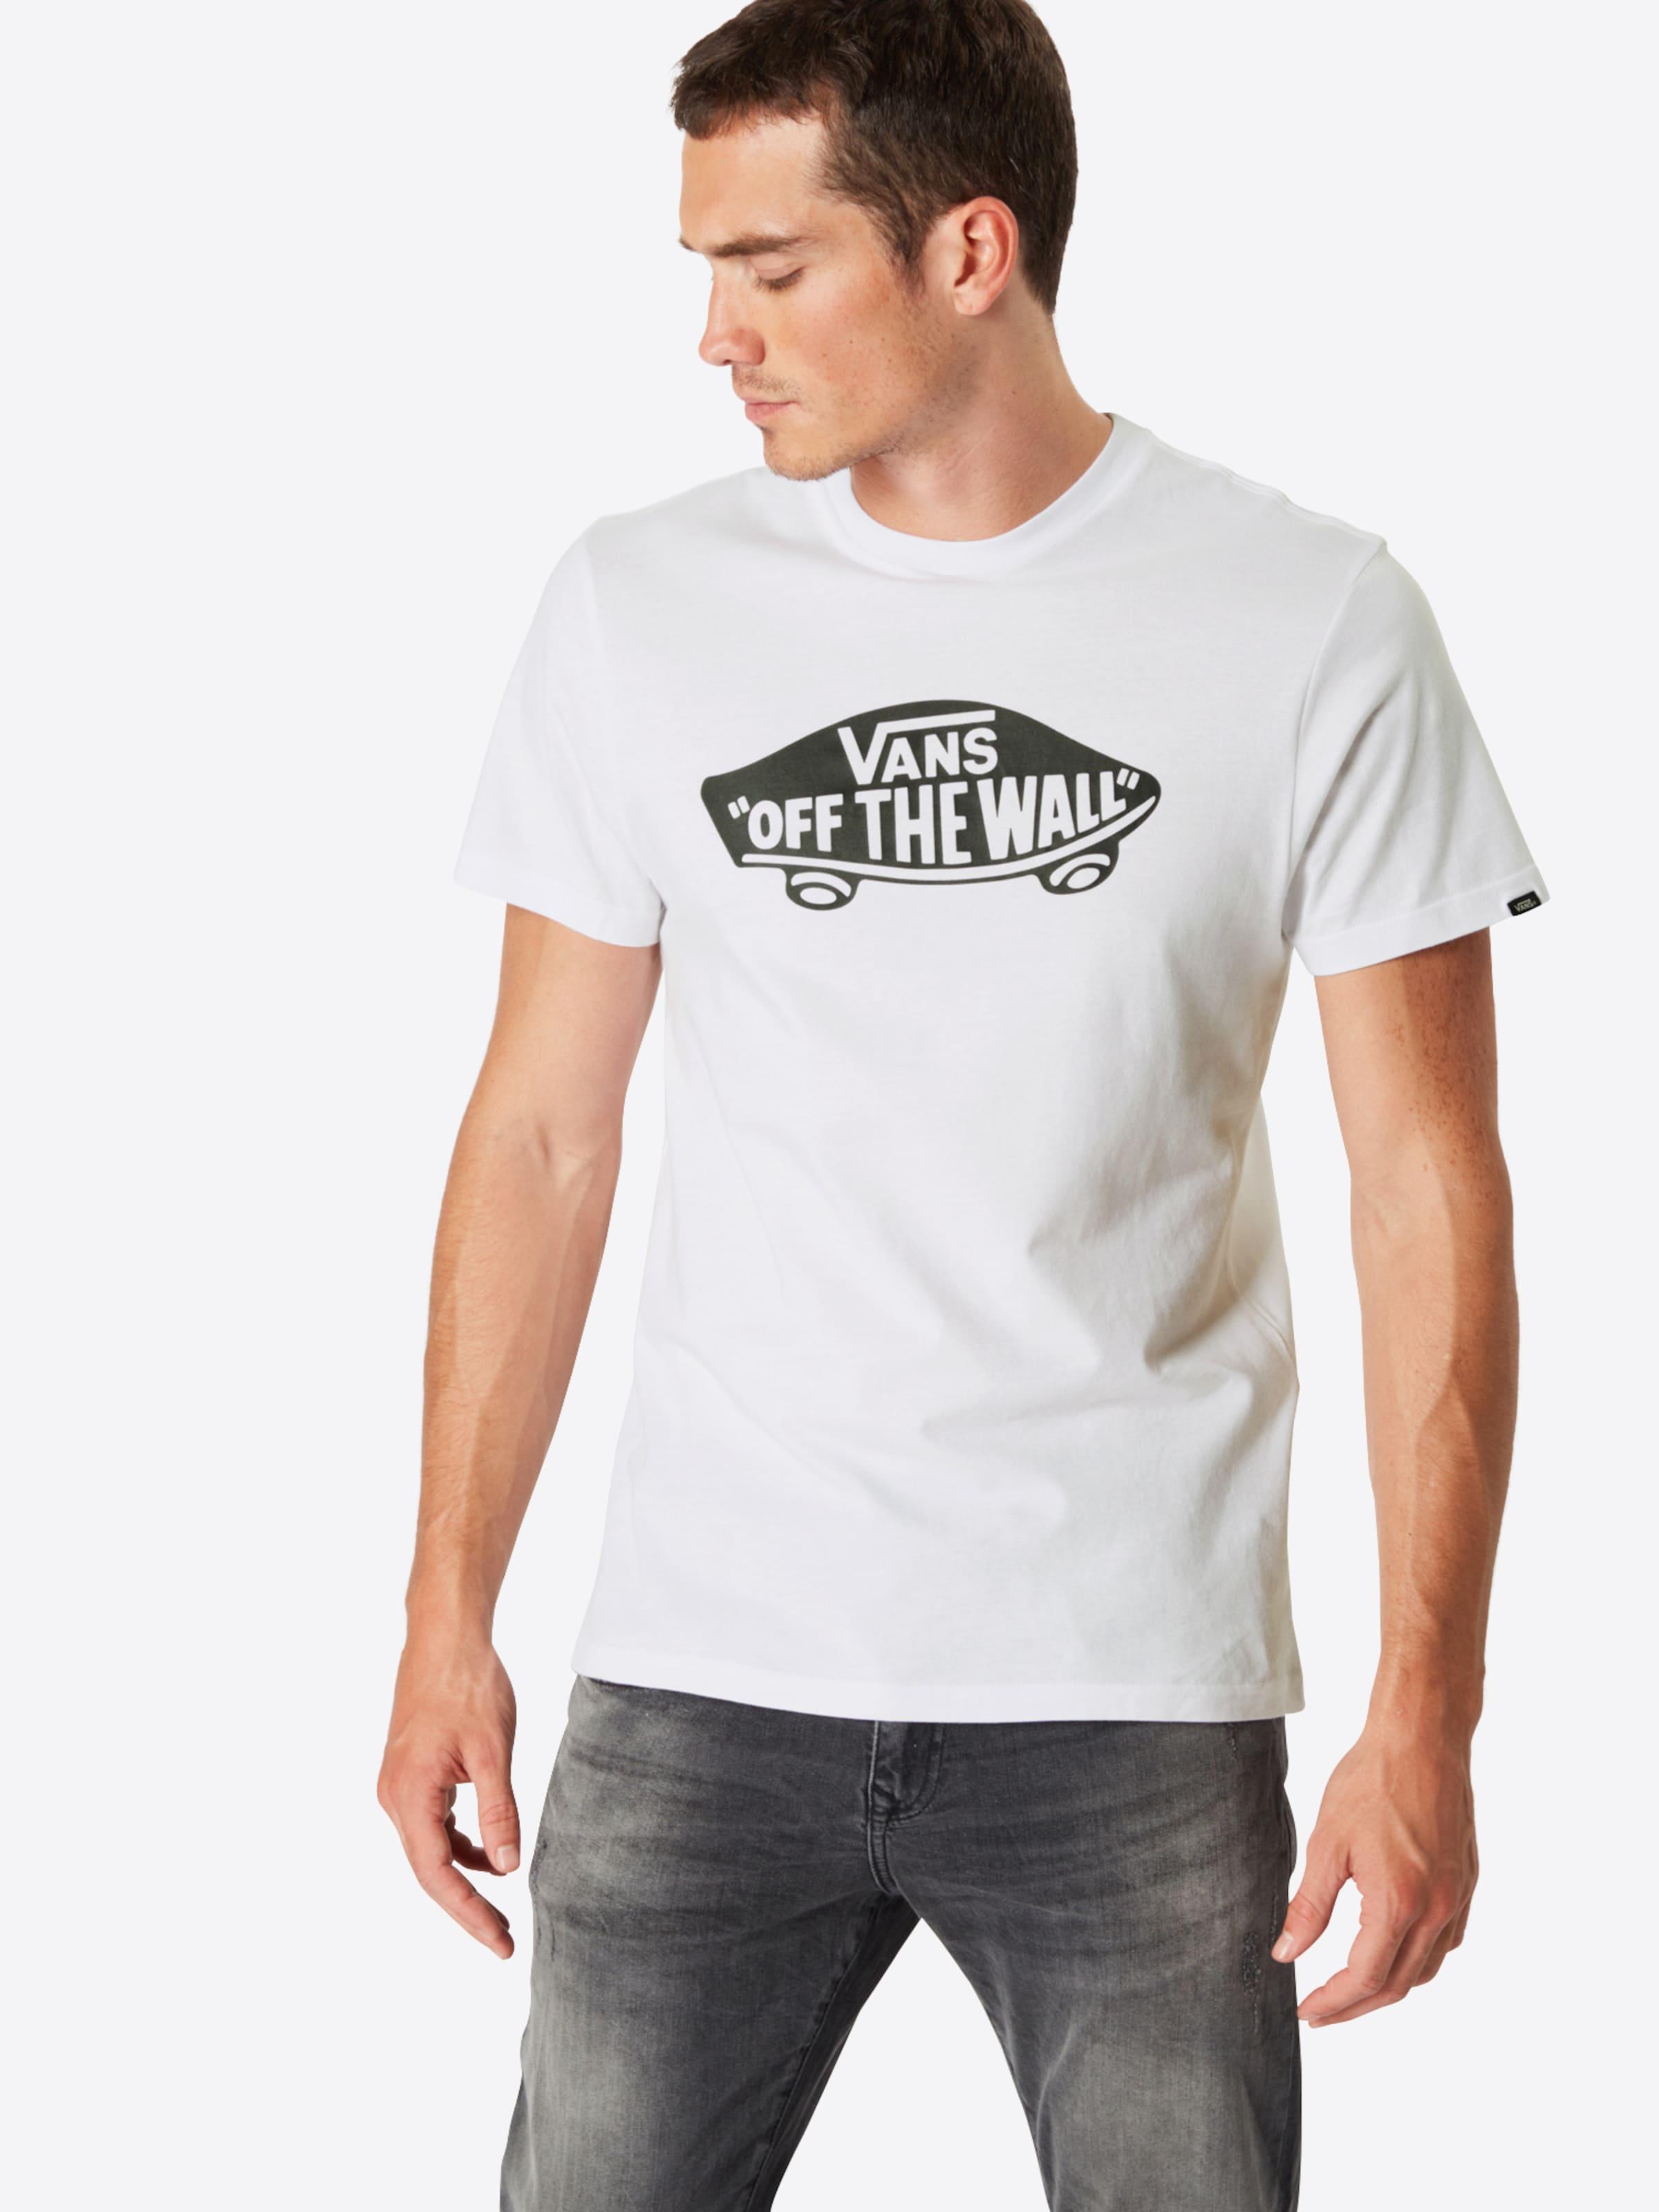 Otw' shirt In 'vans Vans T AnthrazitWeiß VUzMSp